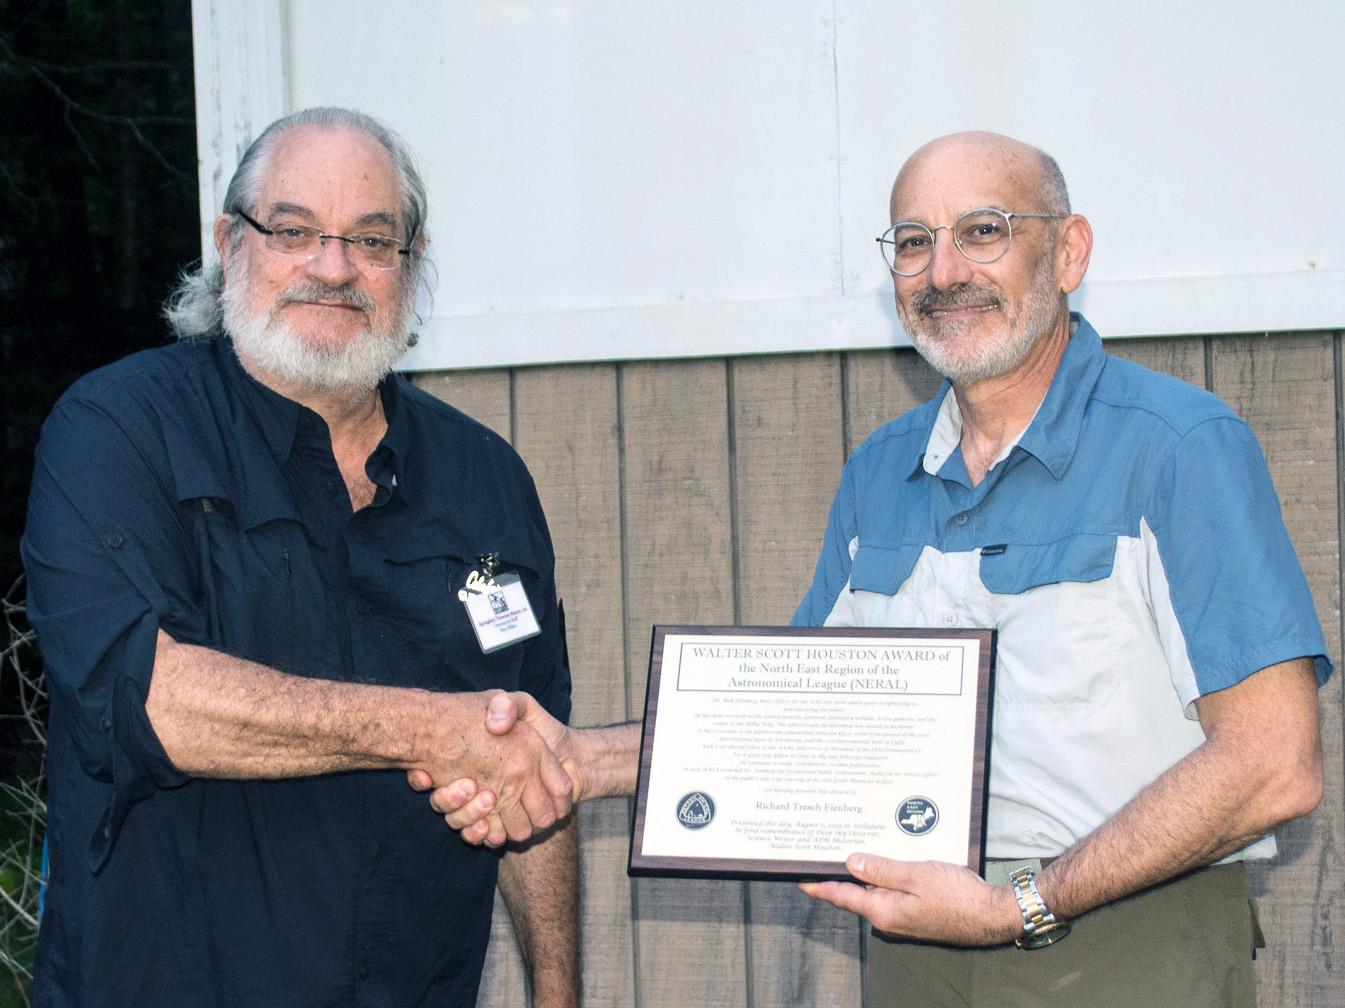 Alan Rifkin and Rick Fienberg